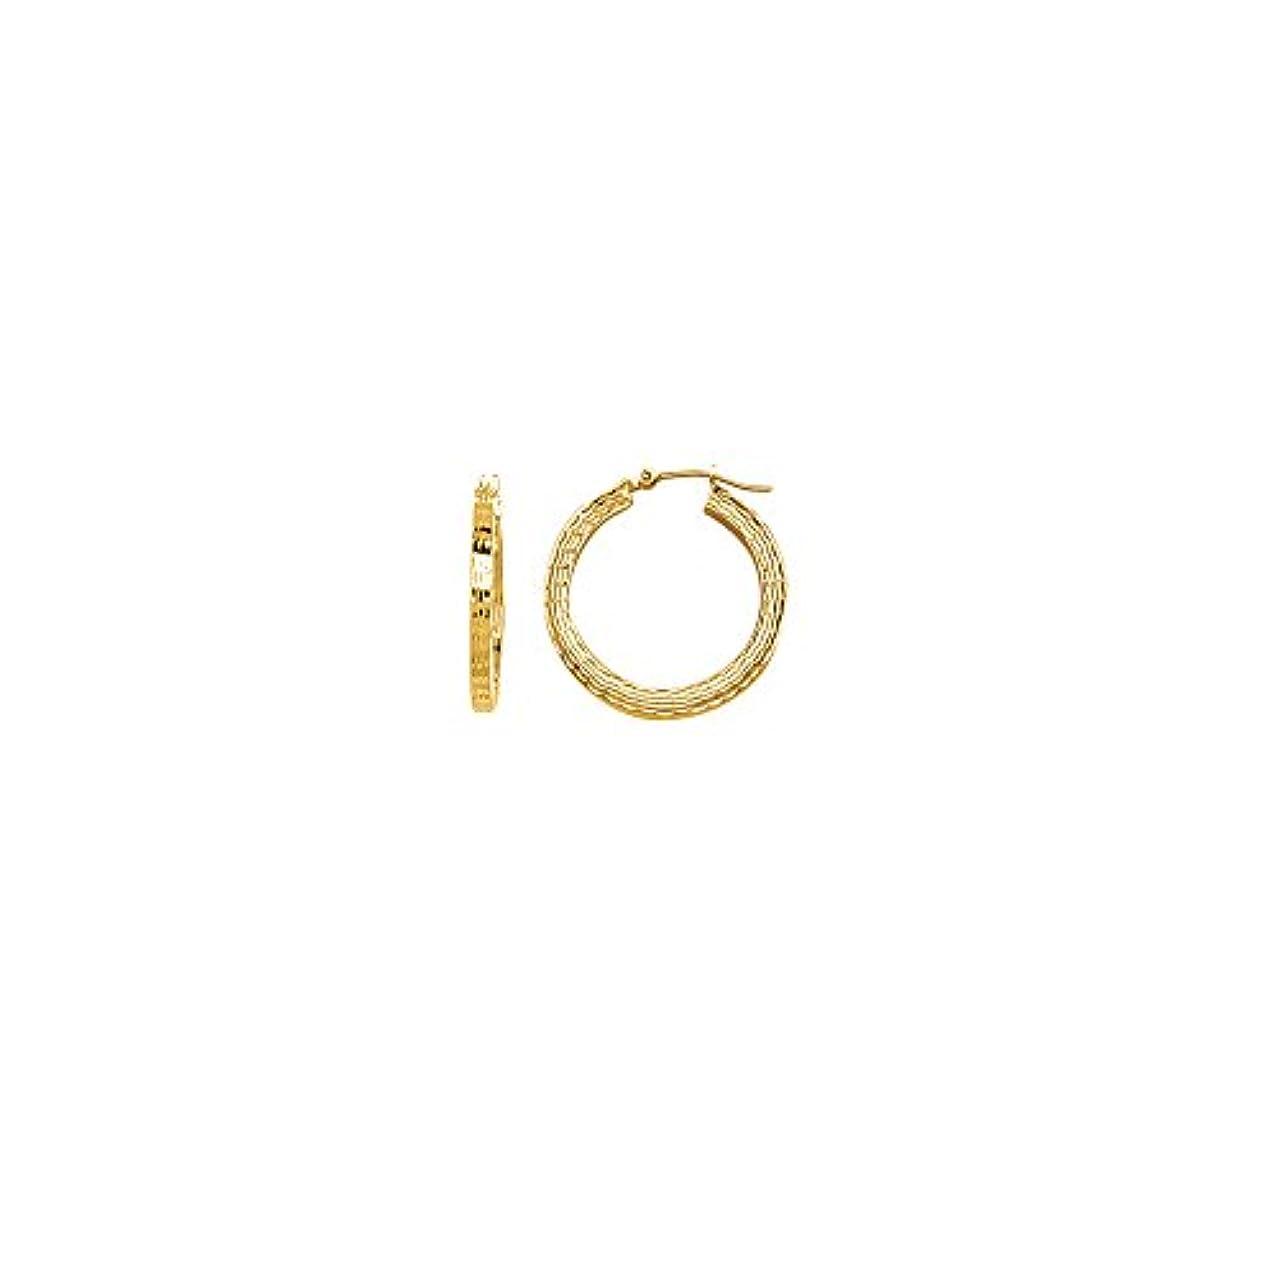 魅了する時間厳守放射するイヤリングチェスト 14K イエローゴールド スクエア ダイヤモンドカット チューブ ラウンド フープピアス 幅3mm 直径25mm (1インチ)